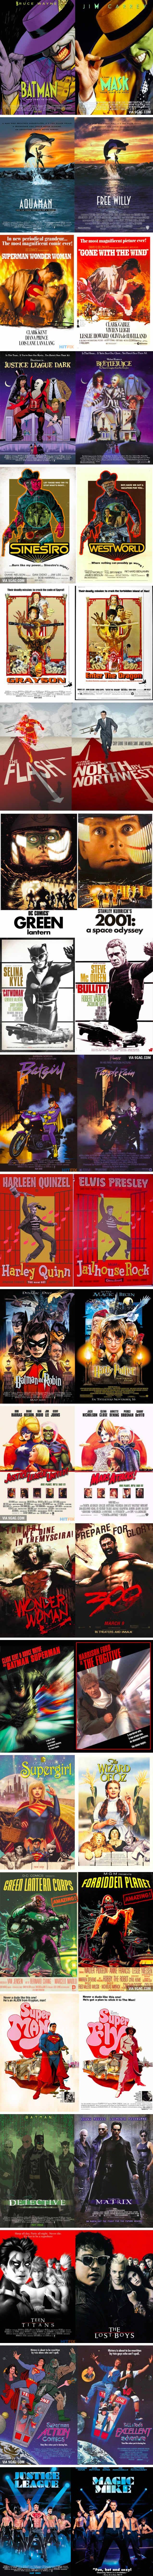 DC Superhero Movie Posters